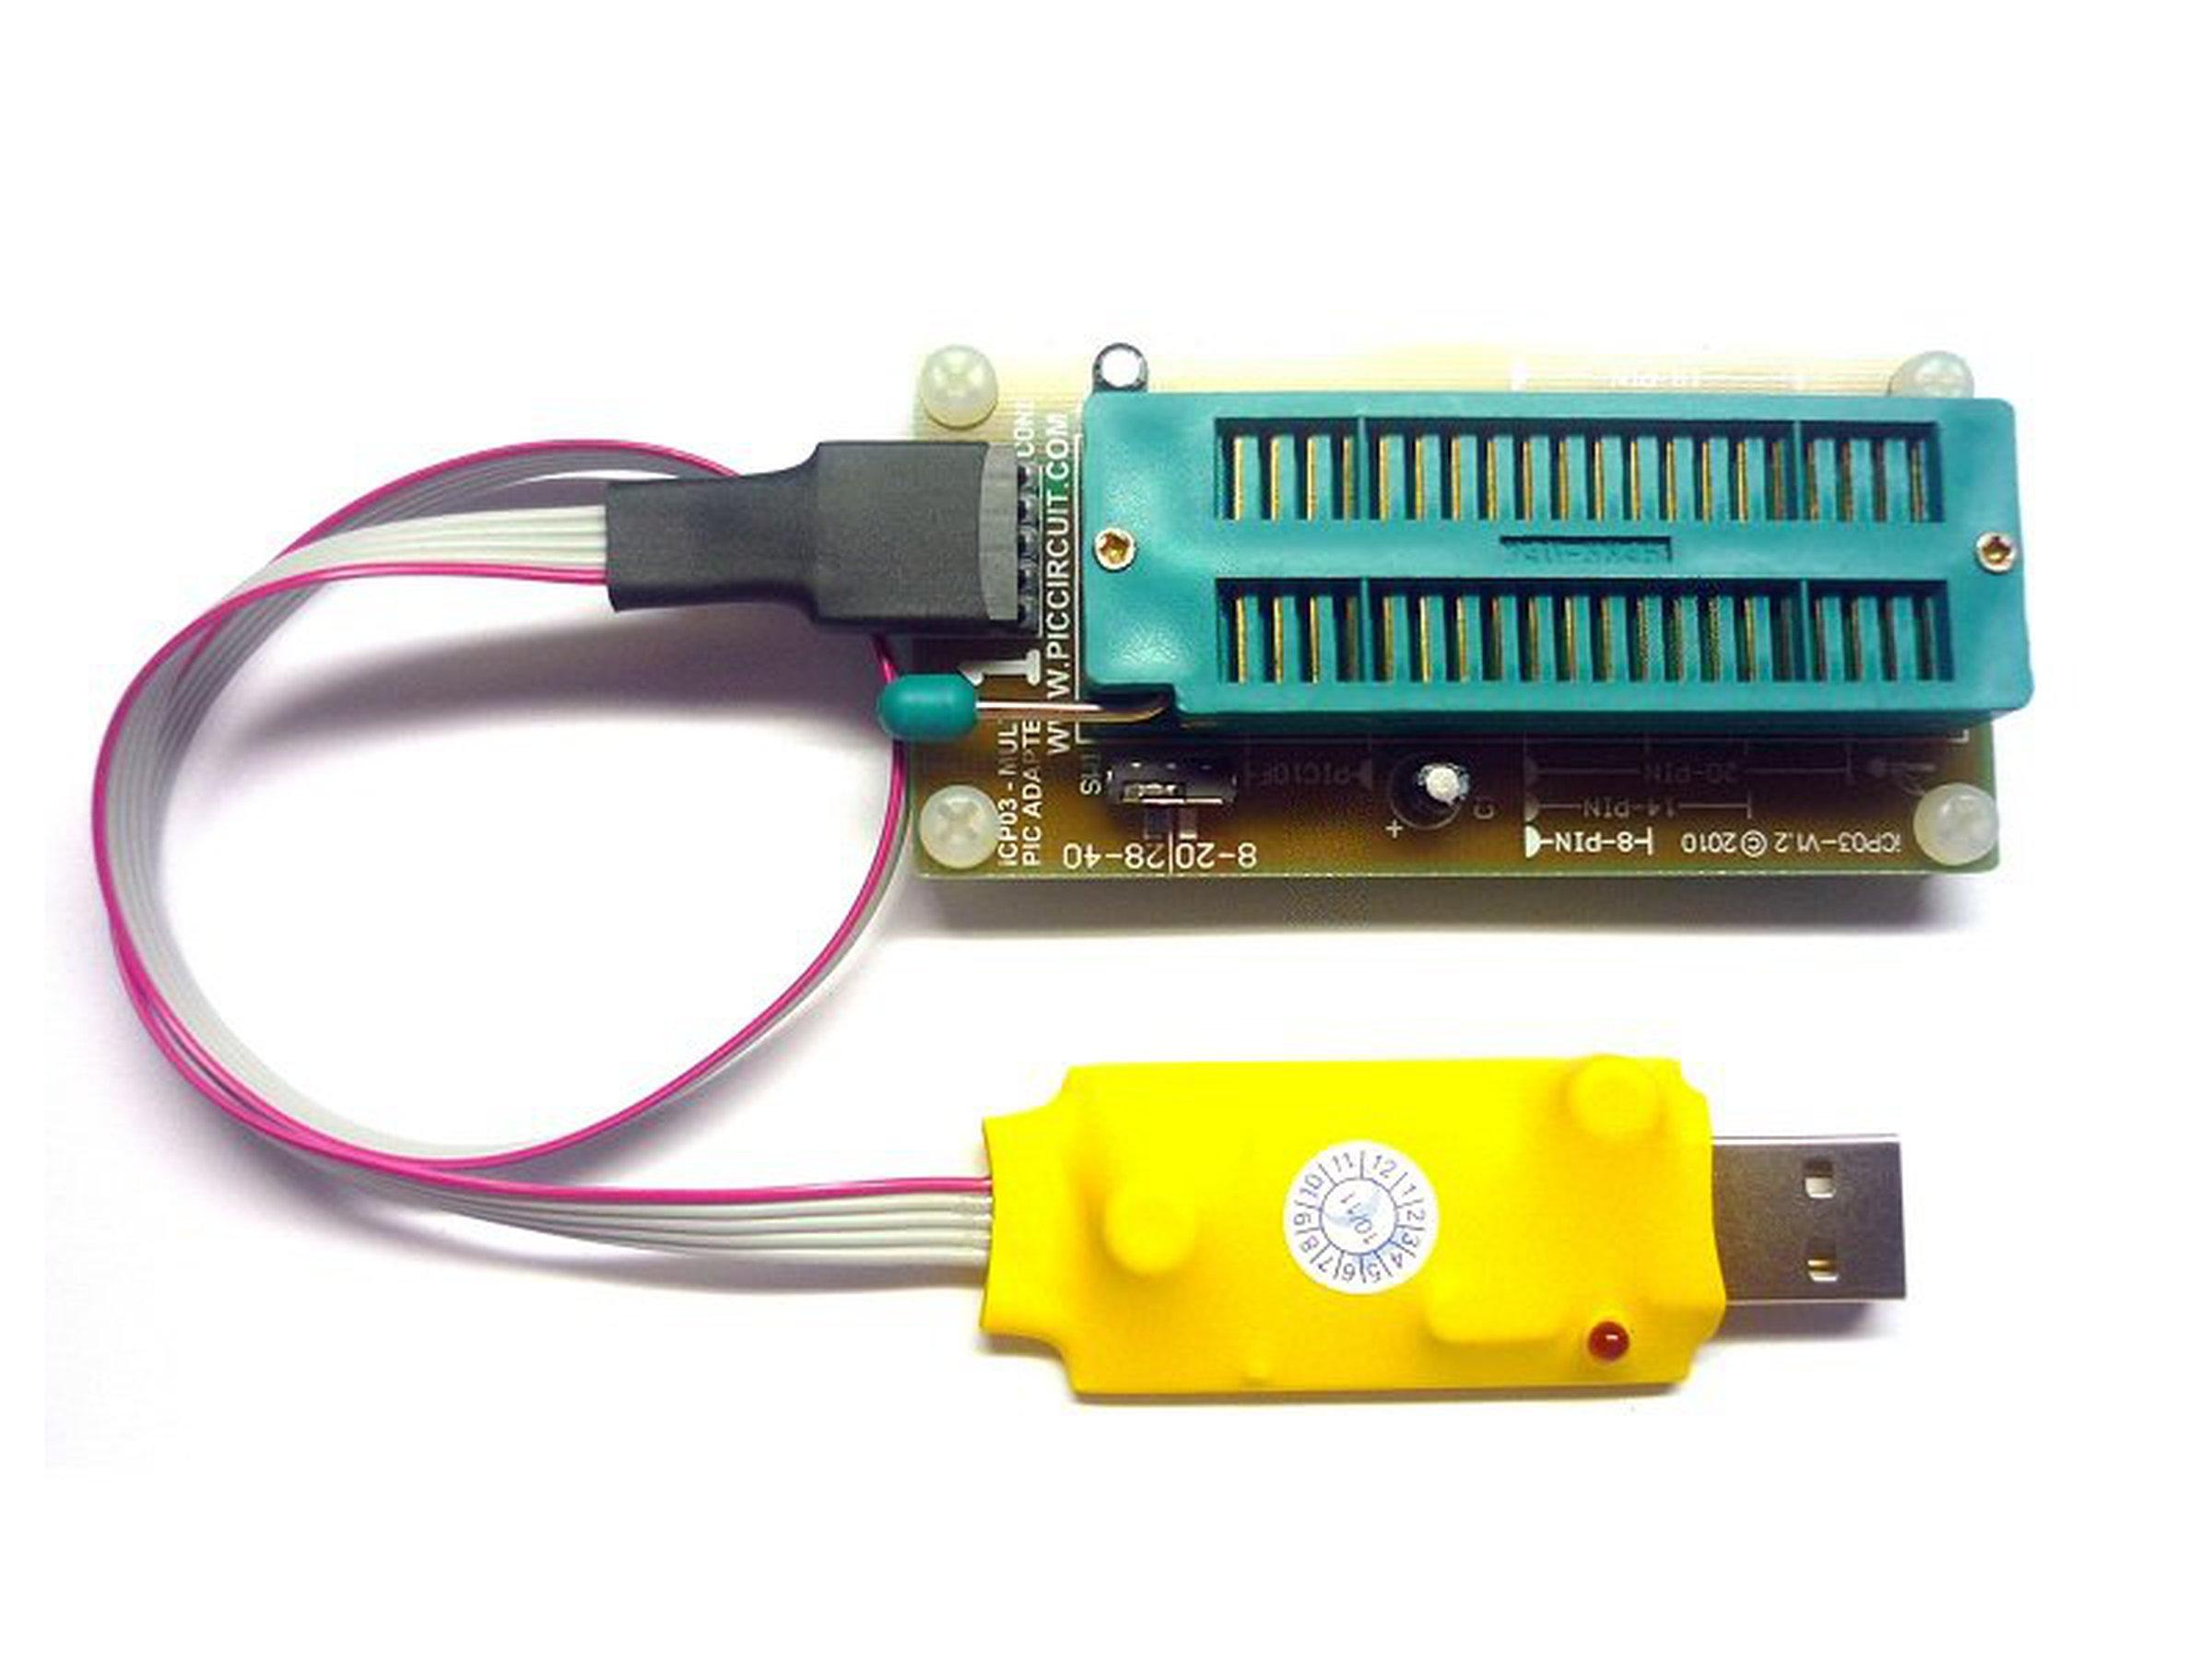 Usb программатор для pic16f84a своими руками